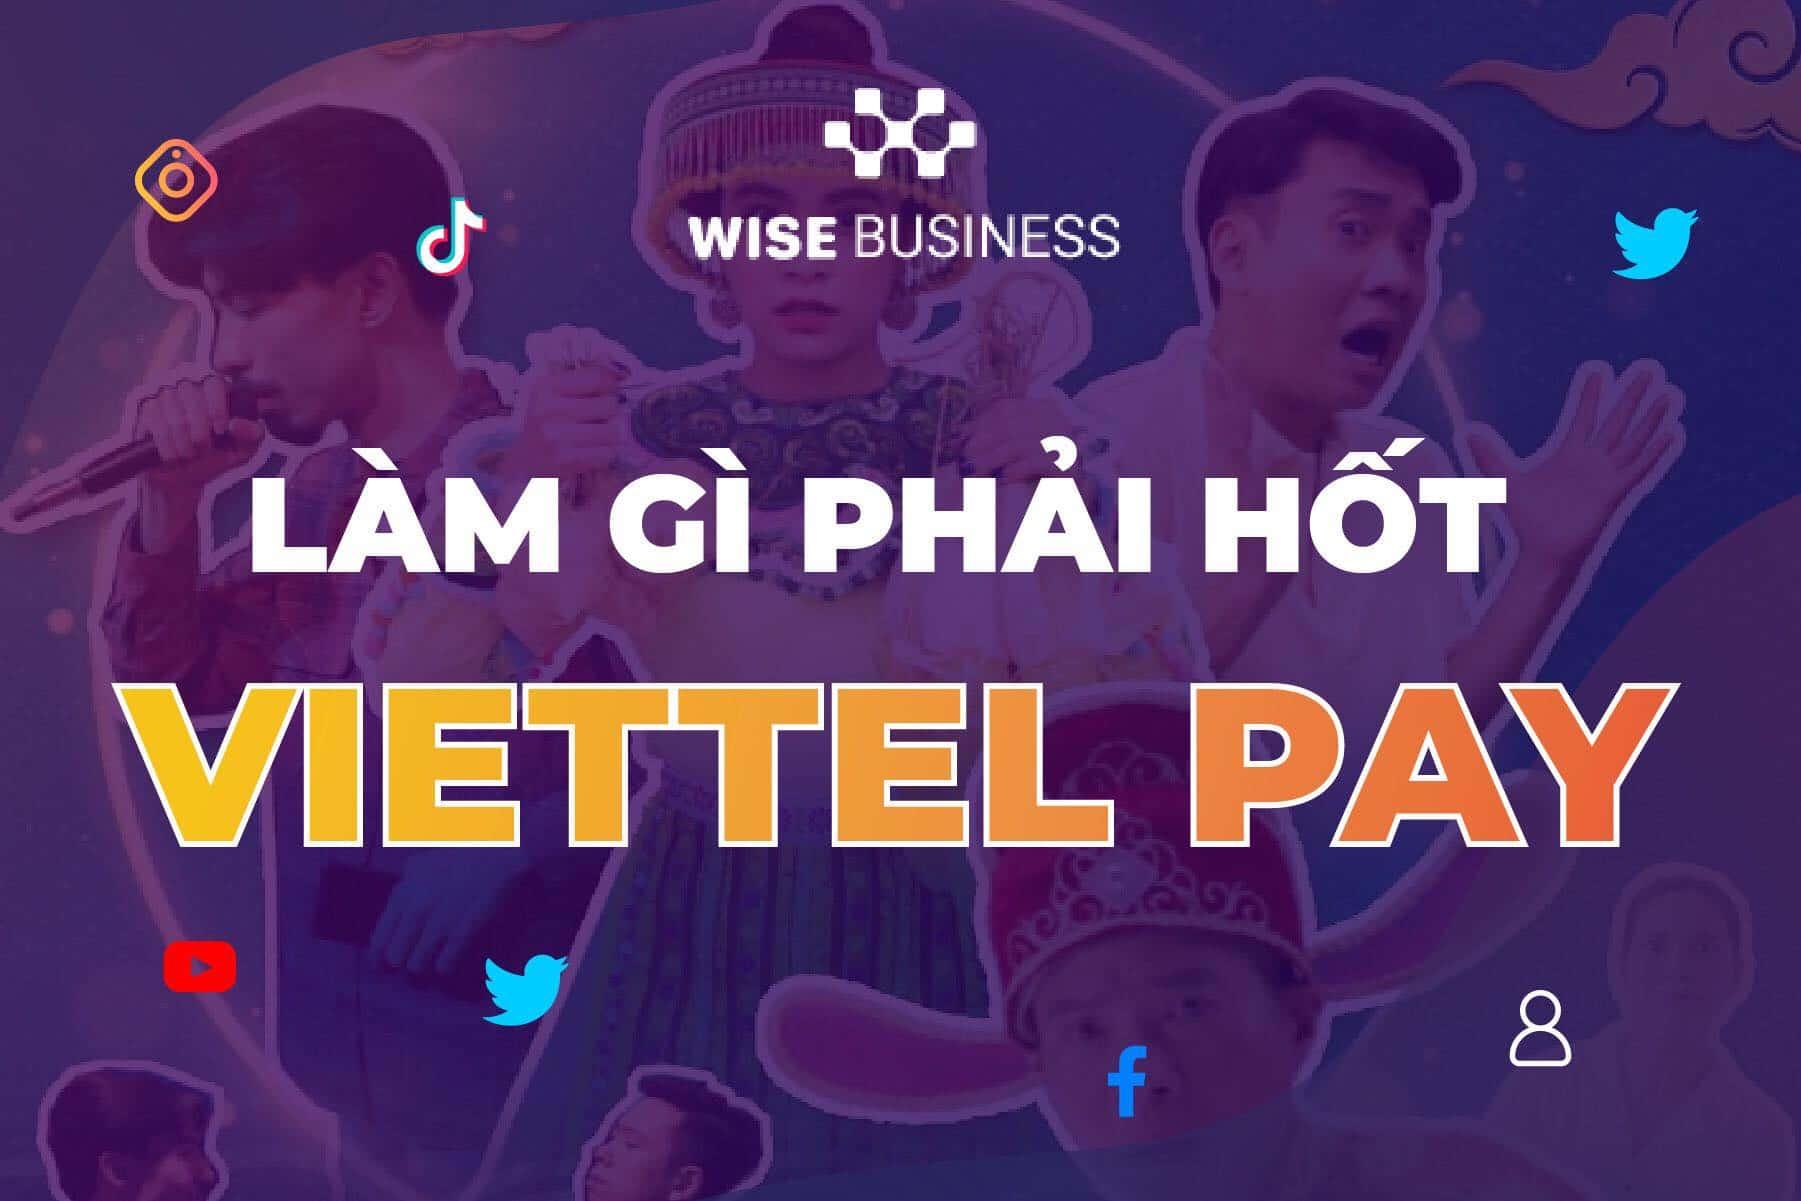 lam-gi-phai-hot